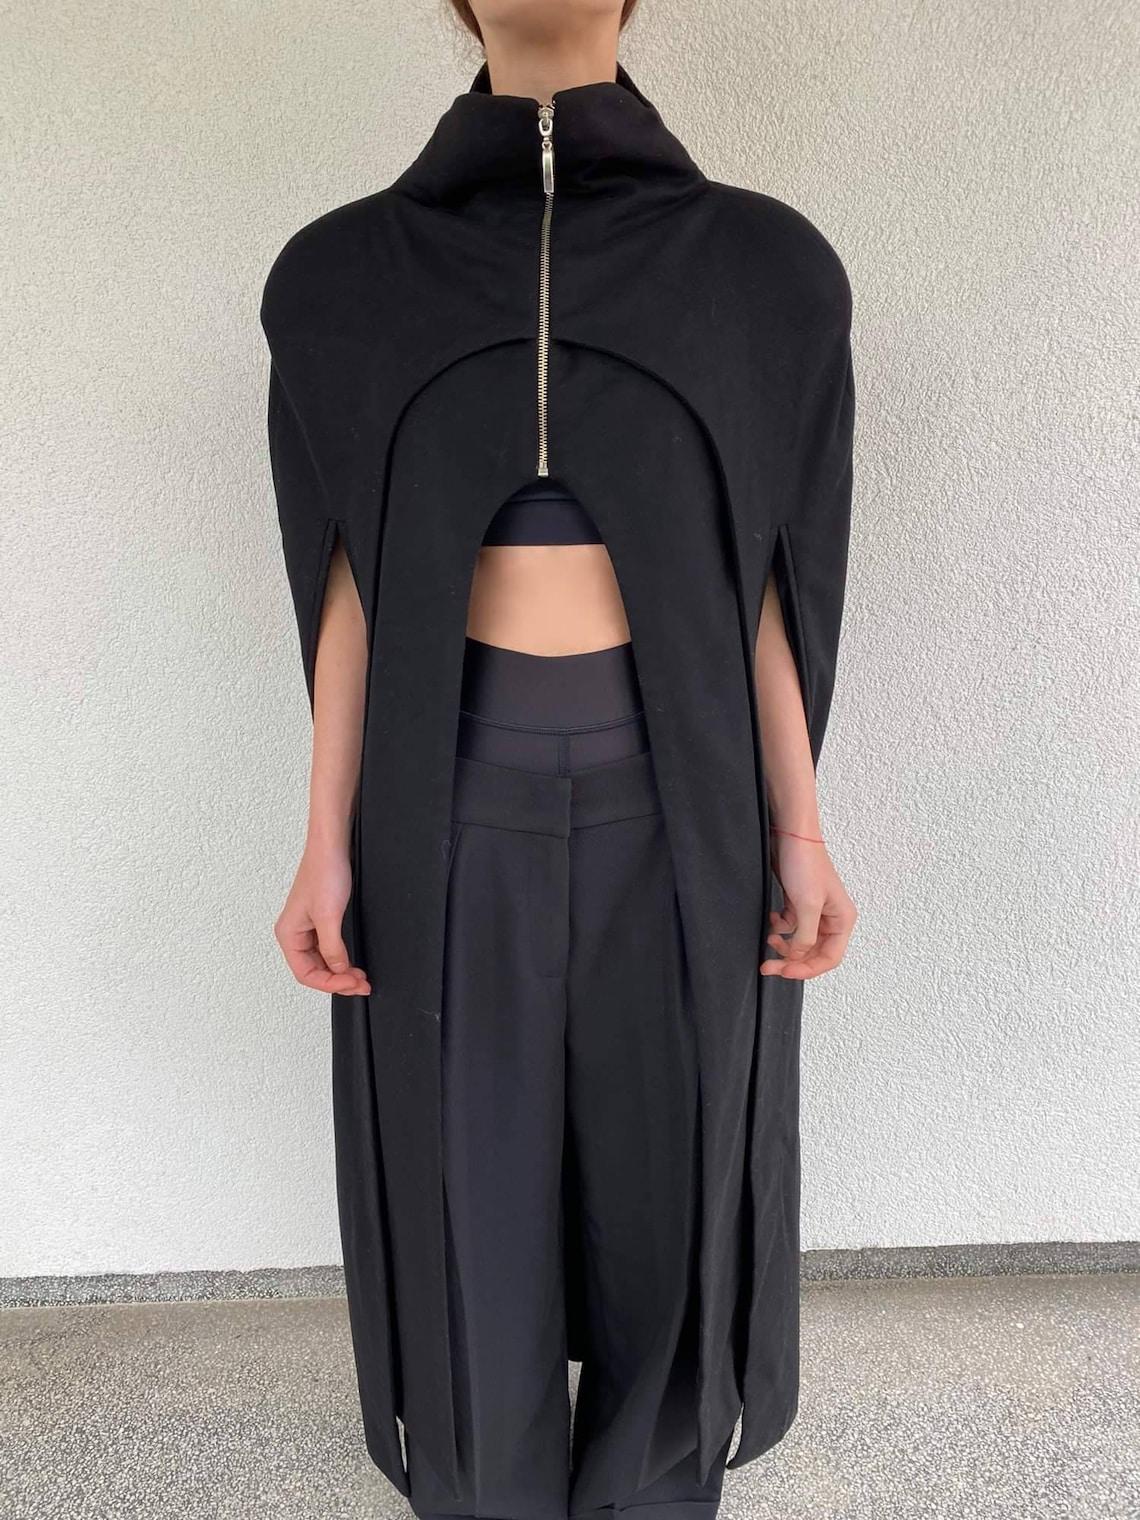 Black Wool Cape / Coat